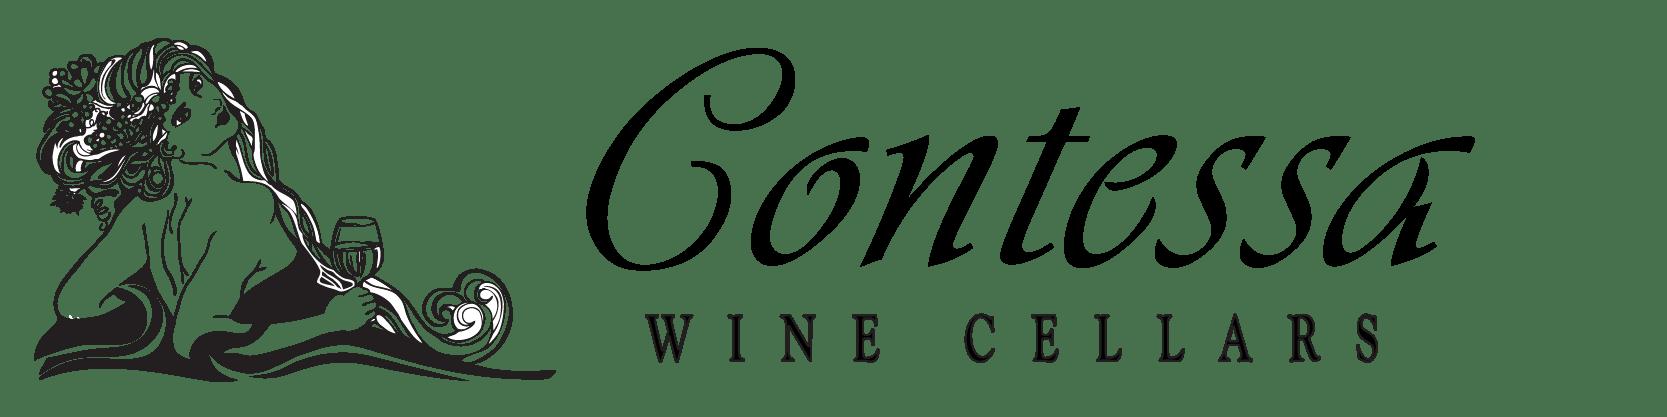 Contessa Wine Cellar